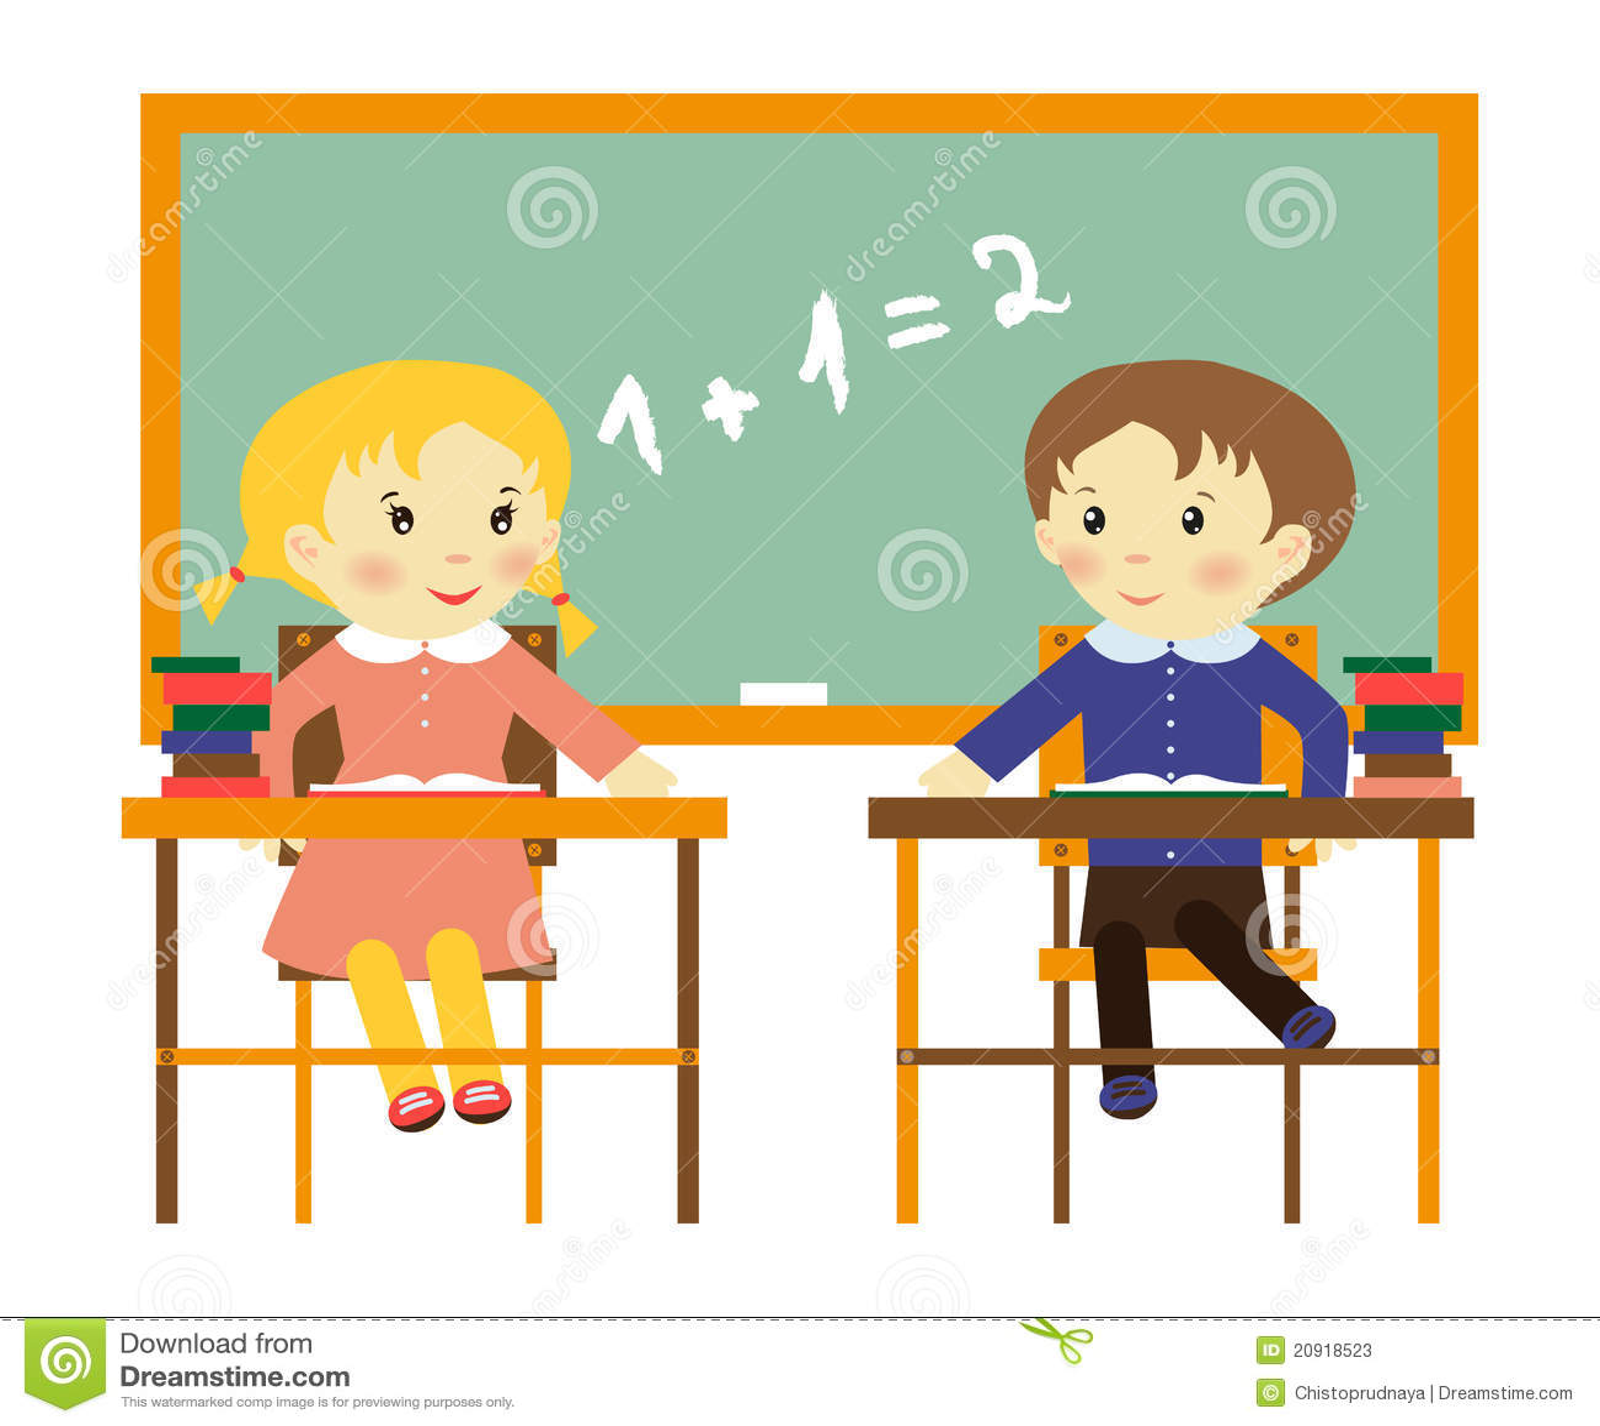 Αποτέλεσμα εικόνας για εικονεσ παιδι και σχολειο